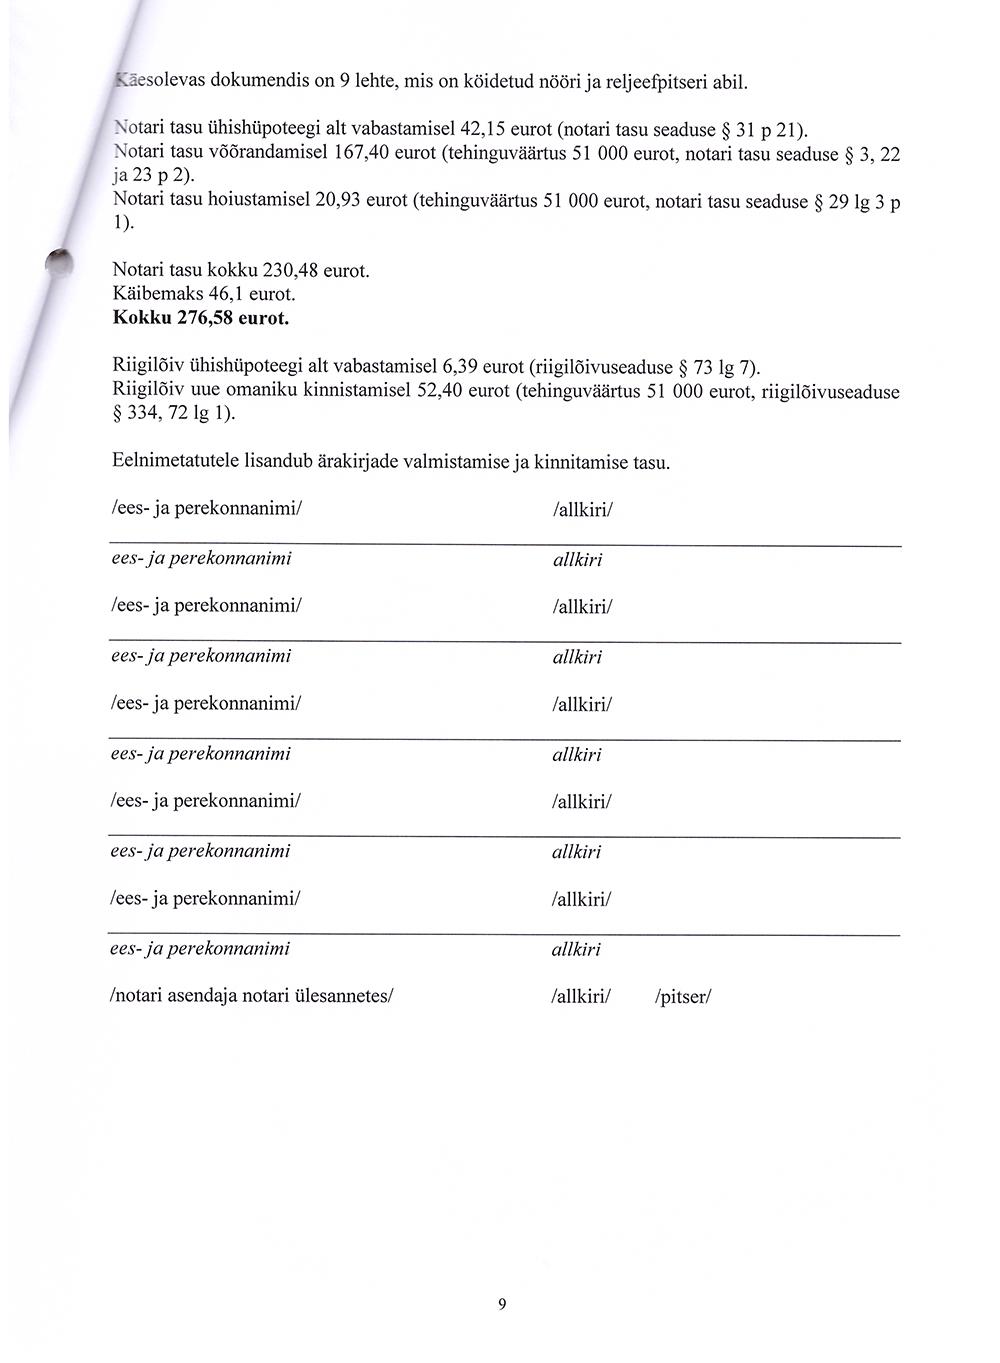 Лист договора со стоимостью услуг нотариуса игоспошлинами